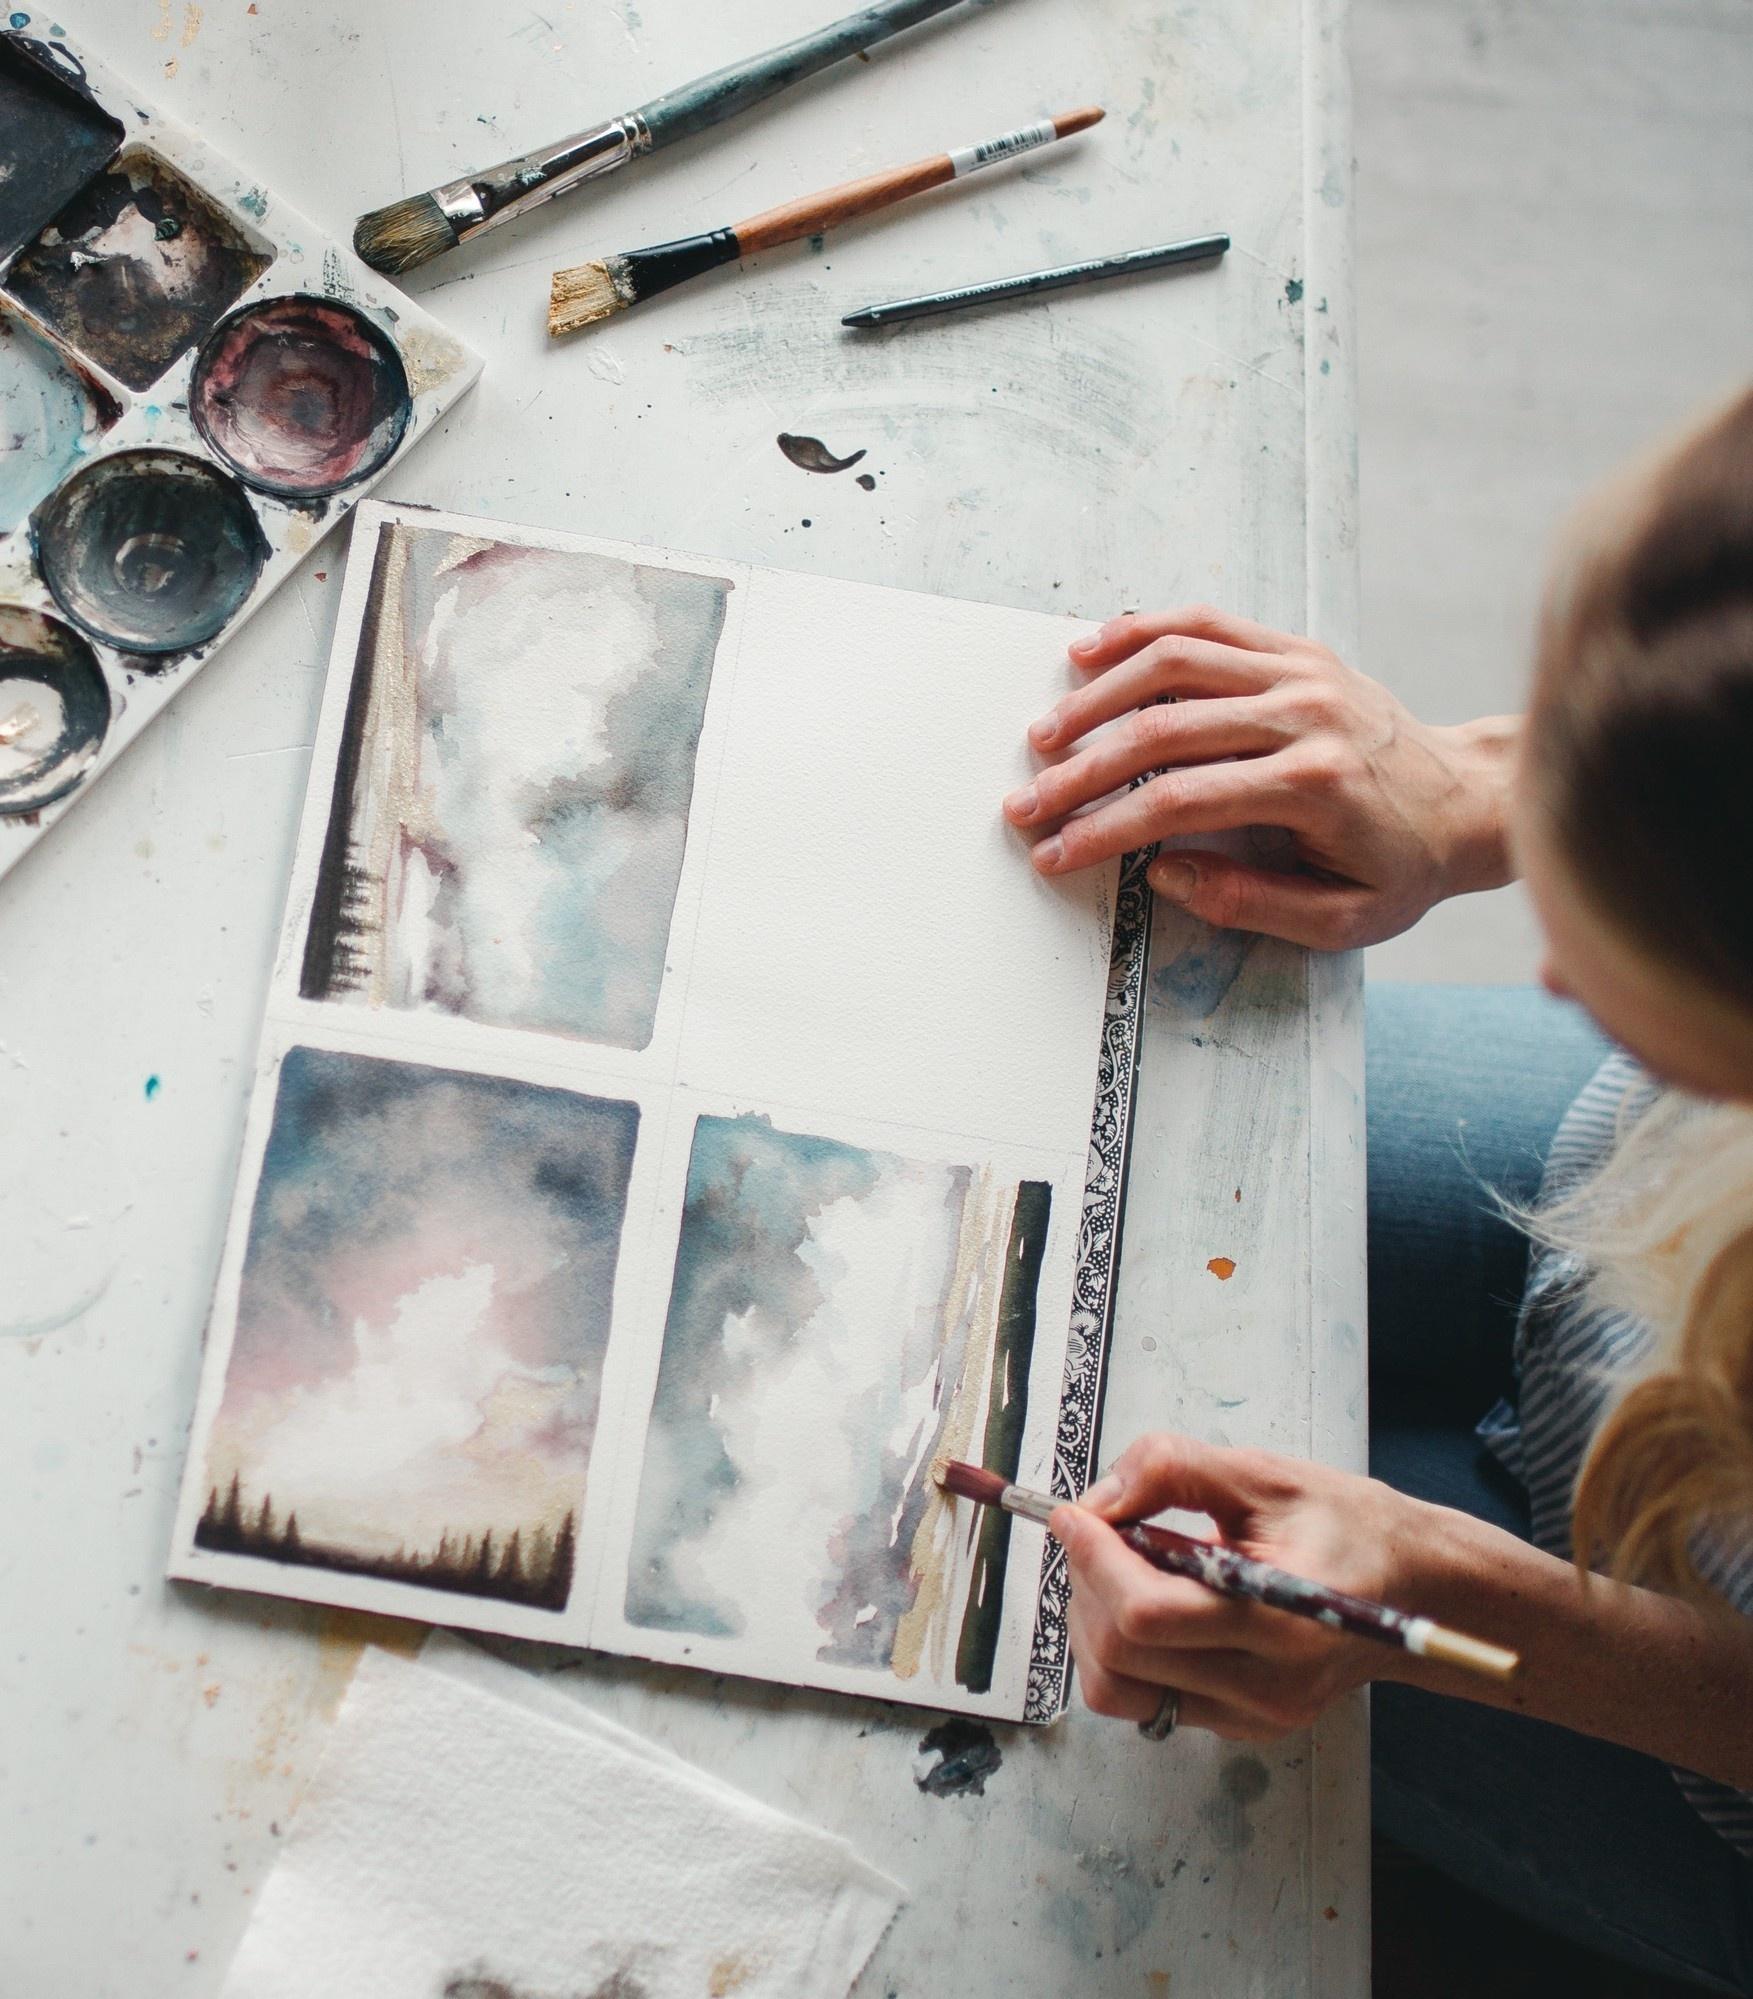 <h2>TEACHING ART ONLINE: